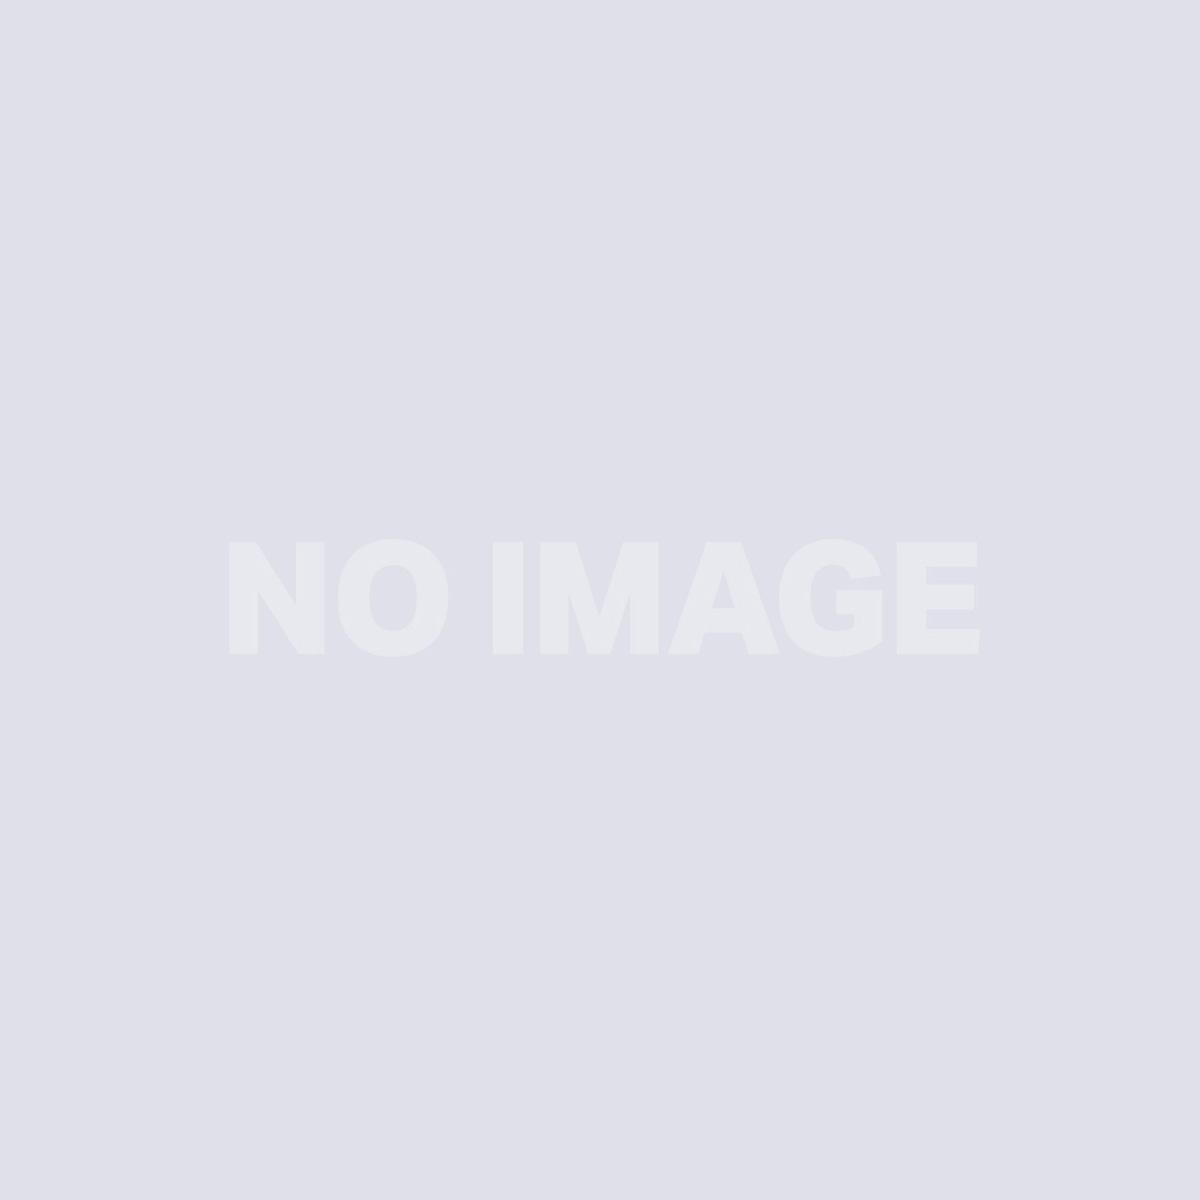 100/25 Grey Rubber Single Bolt Swivel Castor & Brake